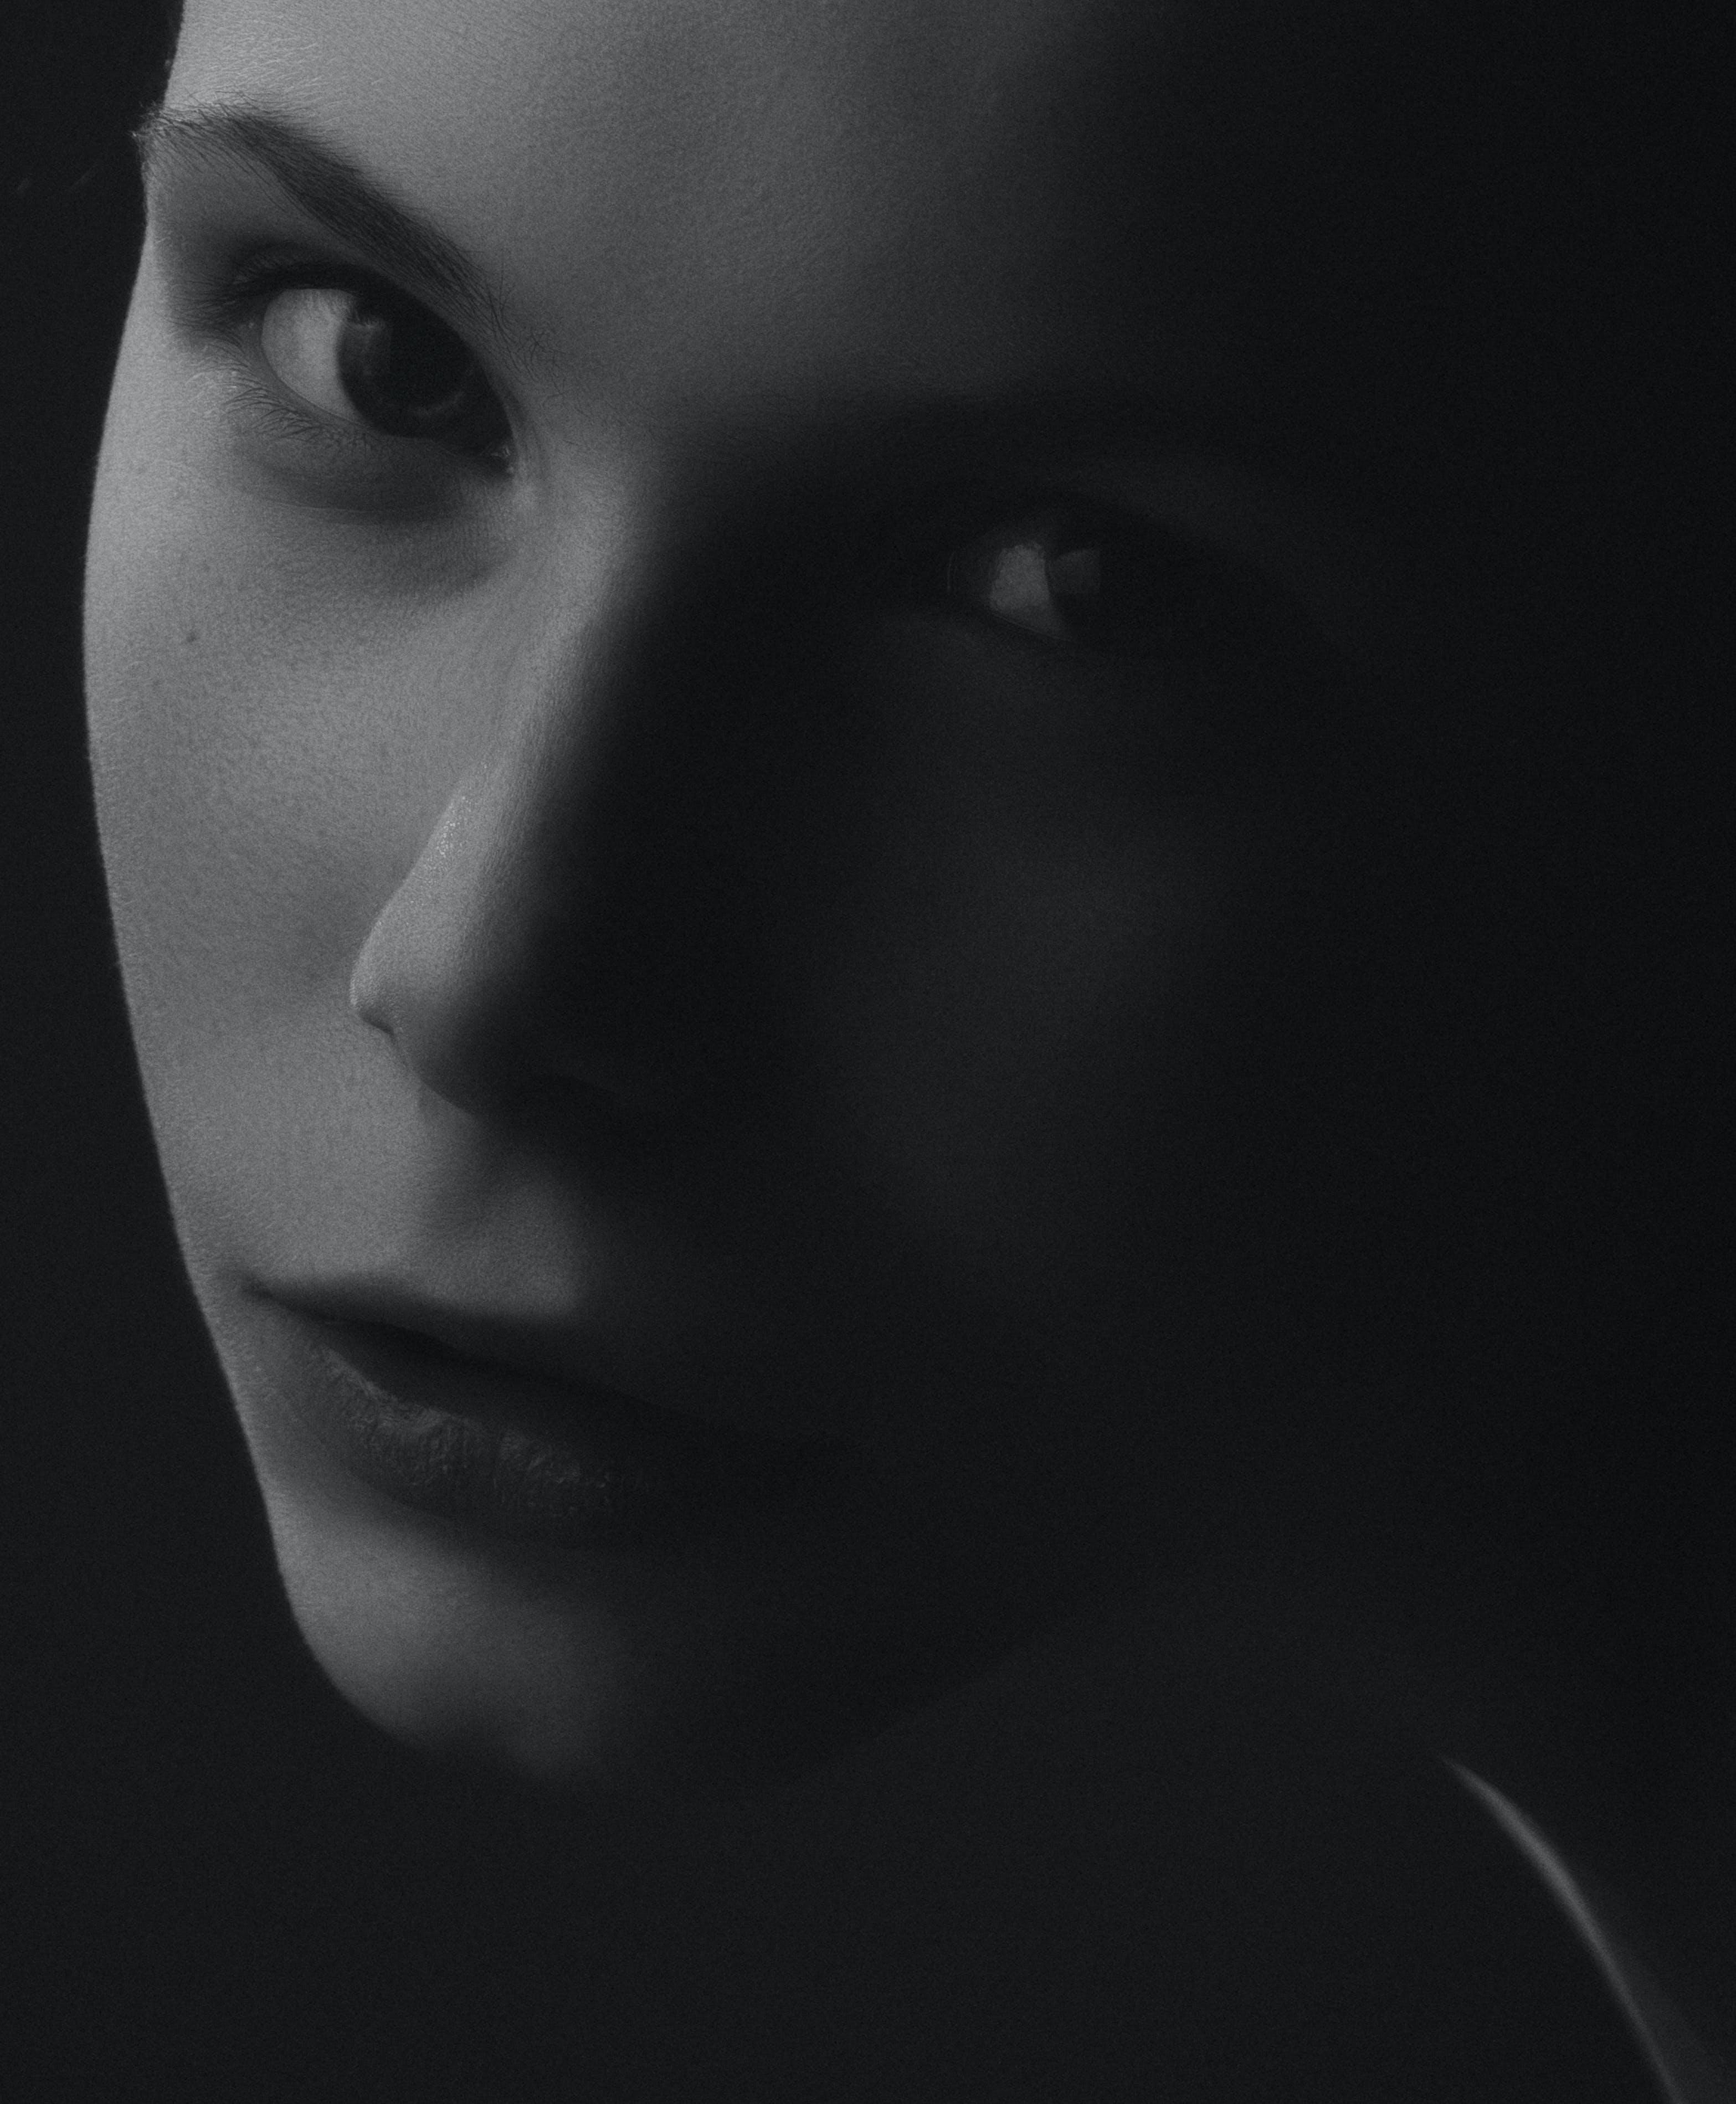 Free stock photo of девушка, портрет, студия, черное и белое